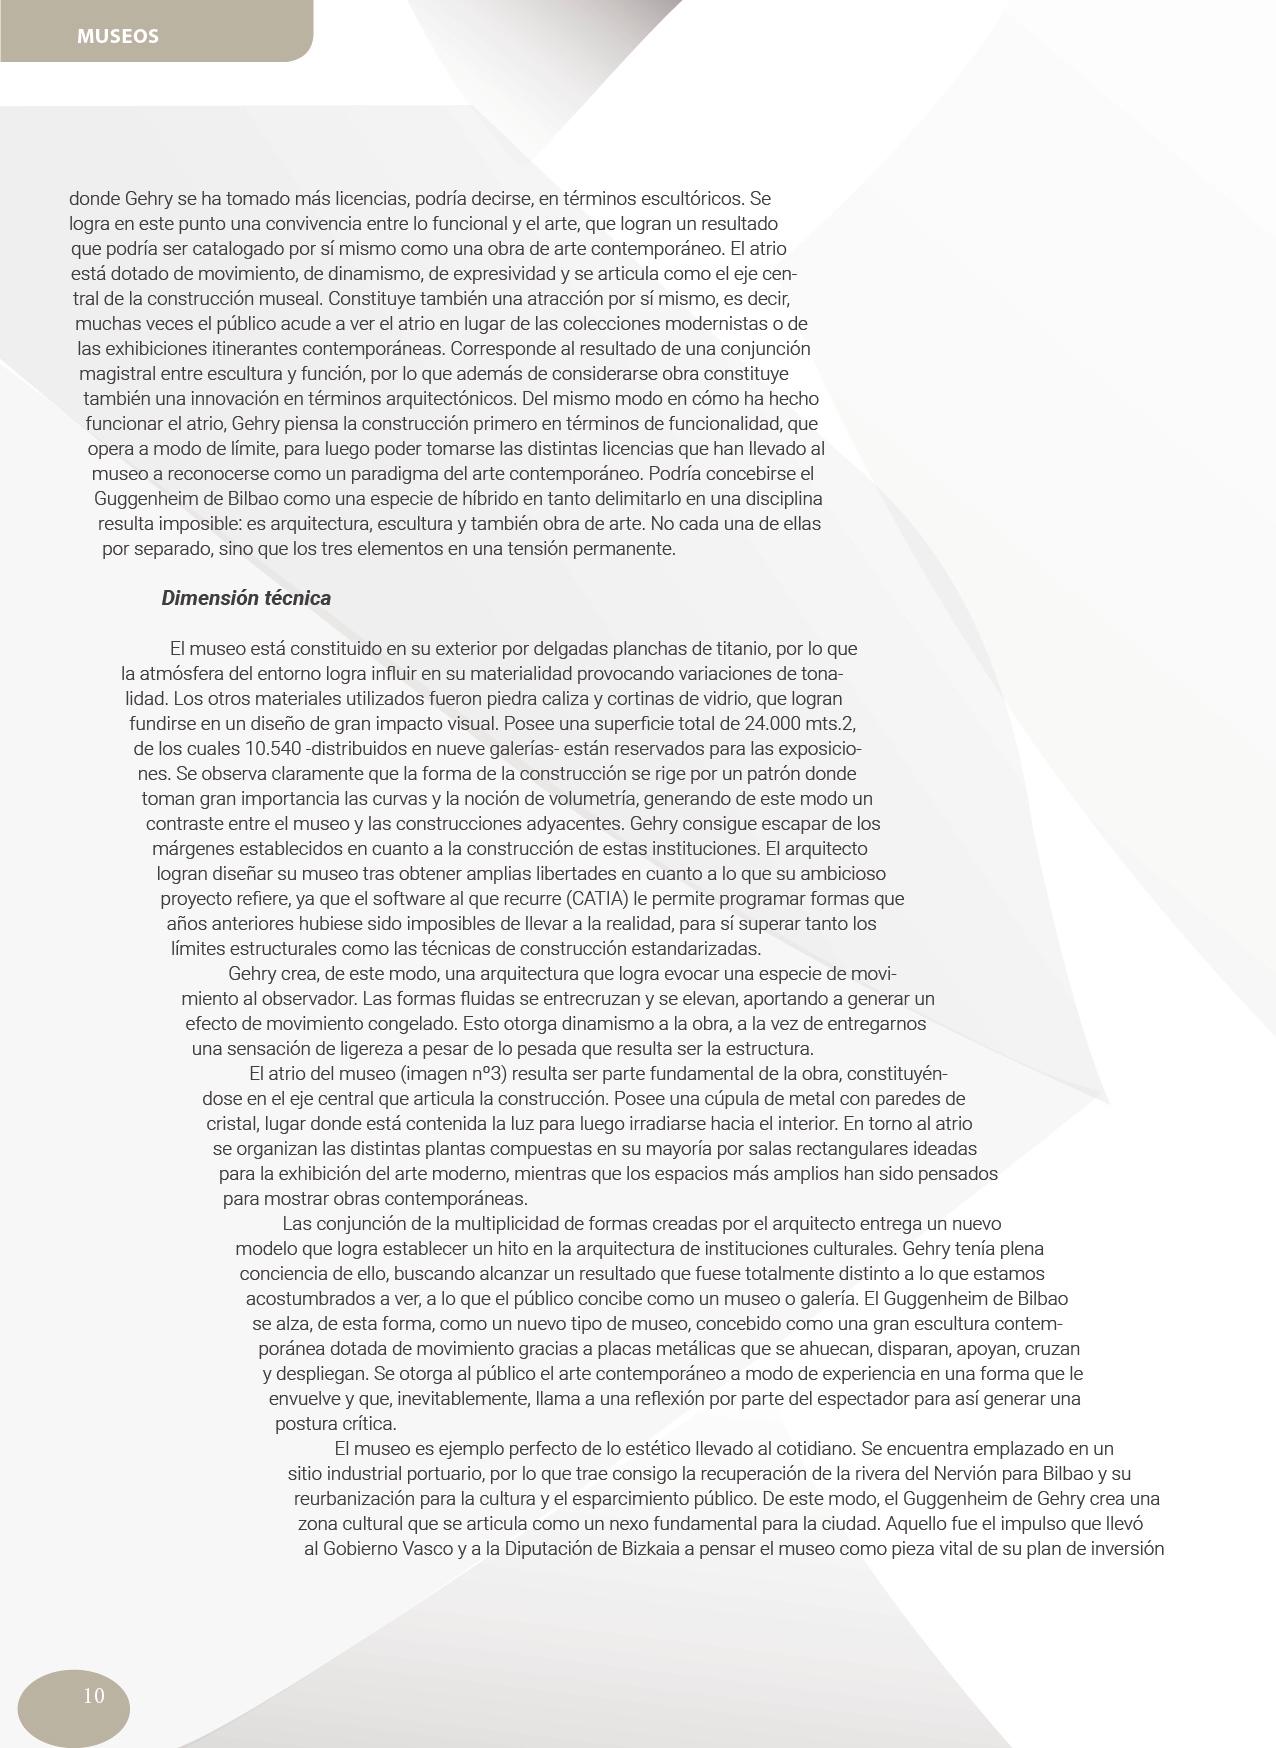 El continente se vuelve contenido pag 10 revista artepoli - Continente y contenido ...